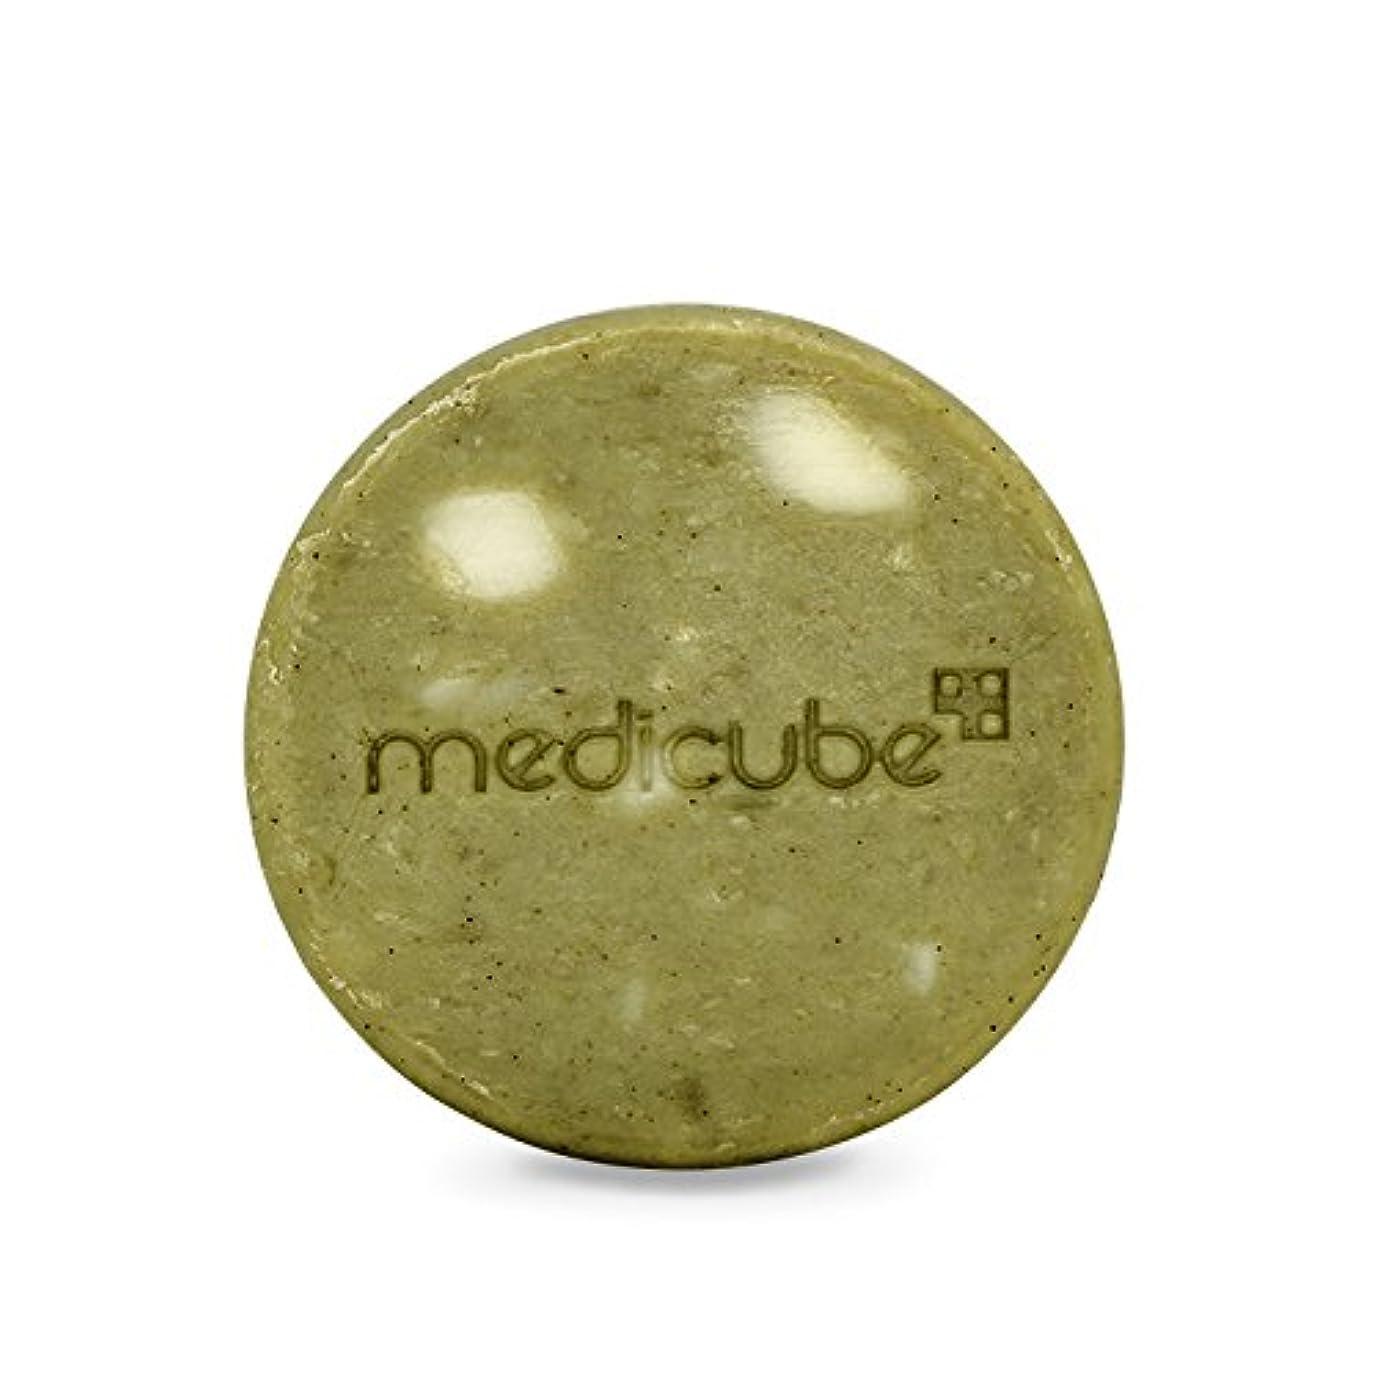 式ターゲット五十[Medicube]Red Body Bar / メディキューブレッドボディバー / 正品?海外直送商品 [並行輸入品]